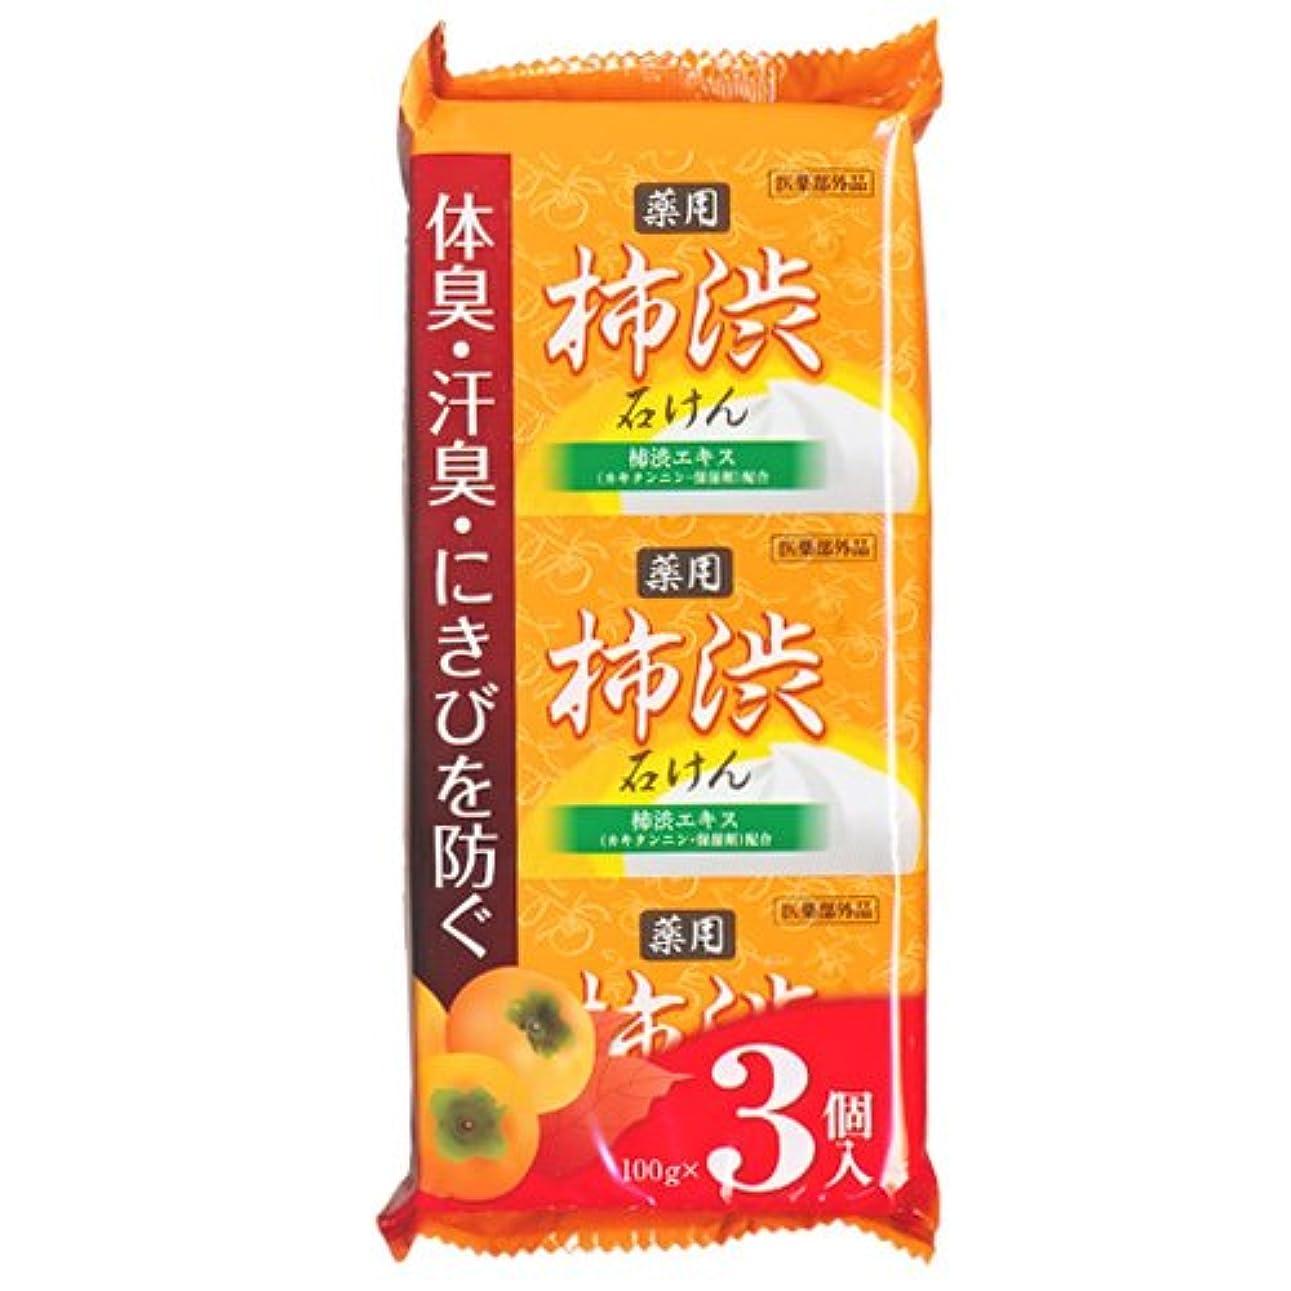 是正三角形コショウ柿渋石鹸 100g×3個入 柿渋エキス カキタンニン?保湿剤配合